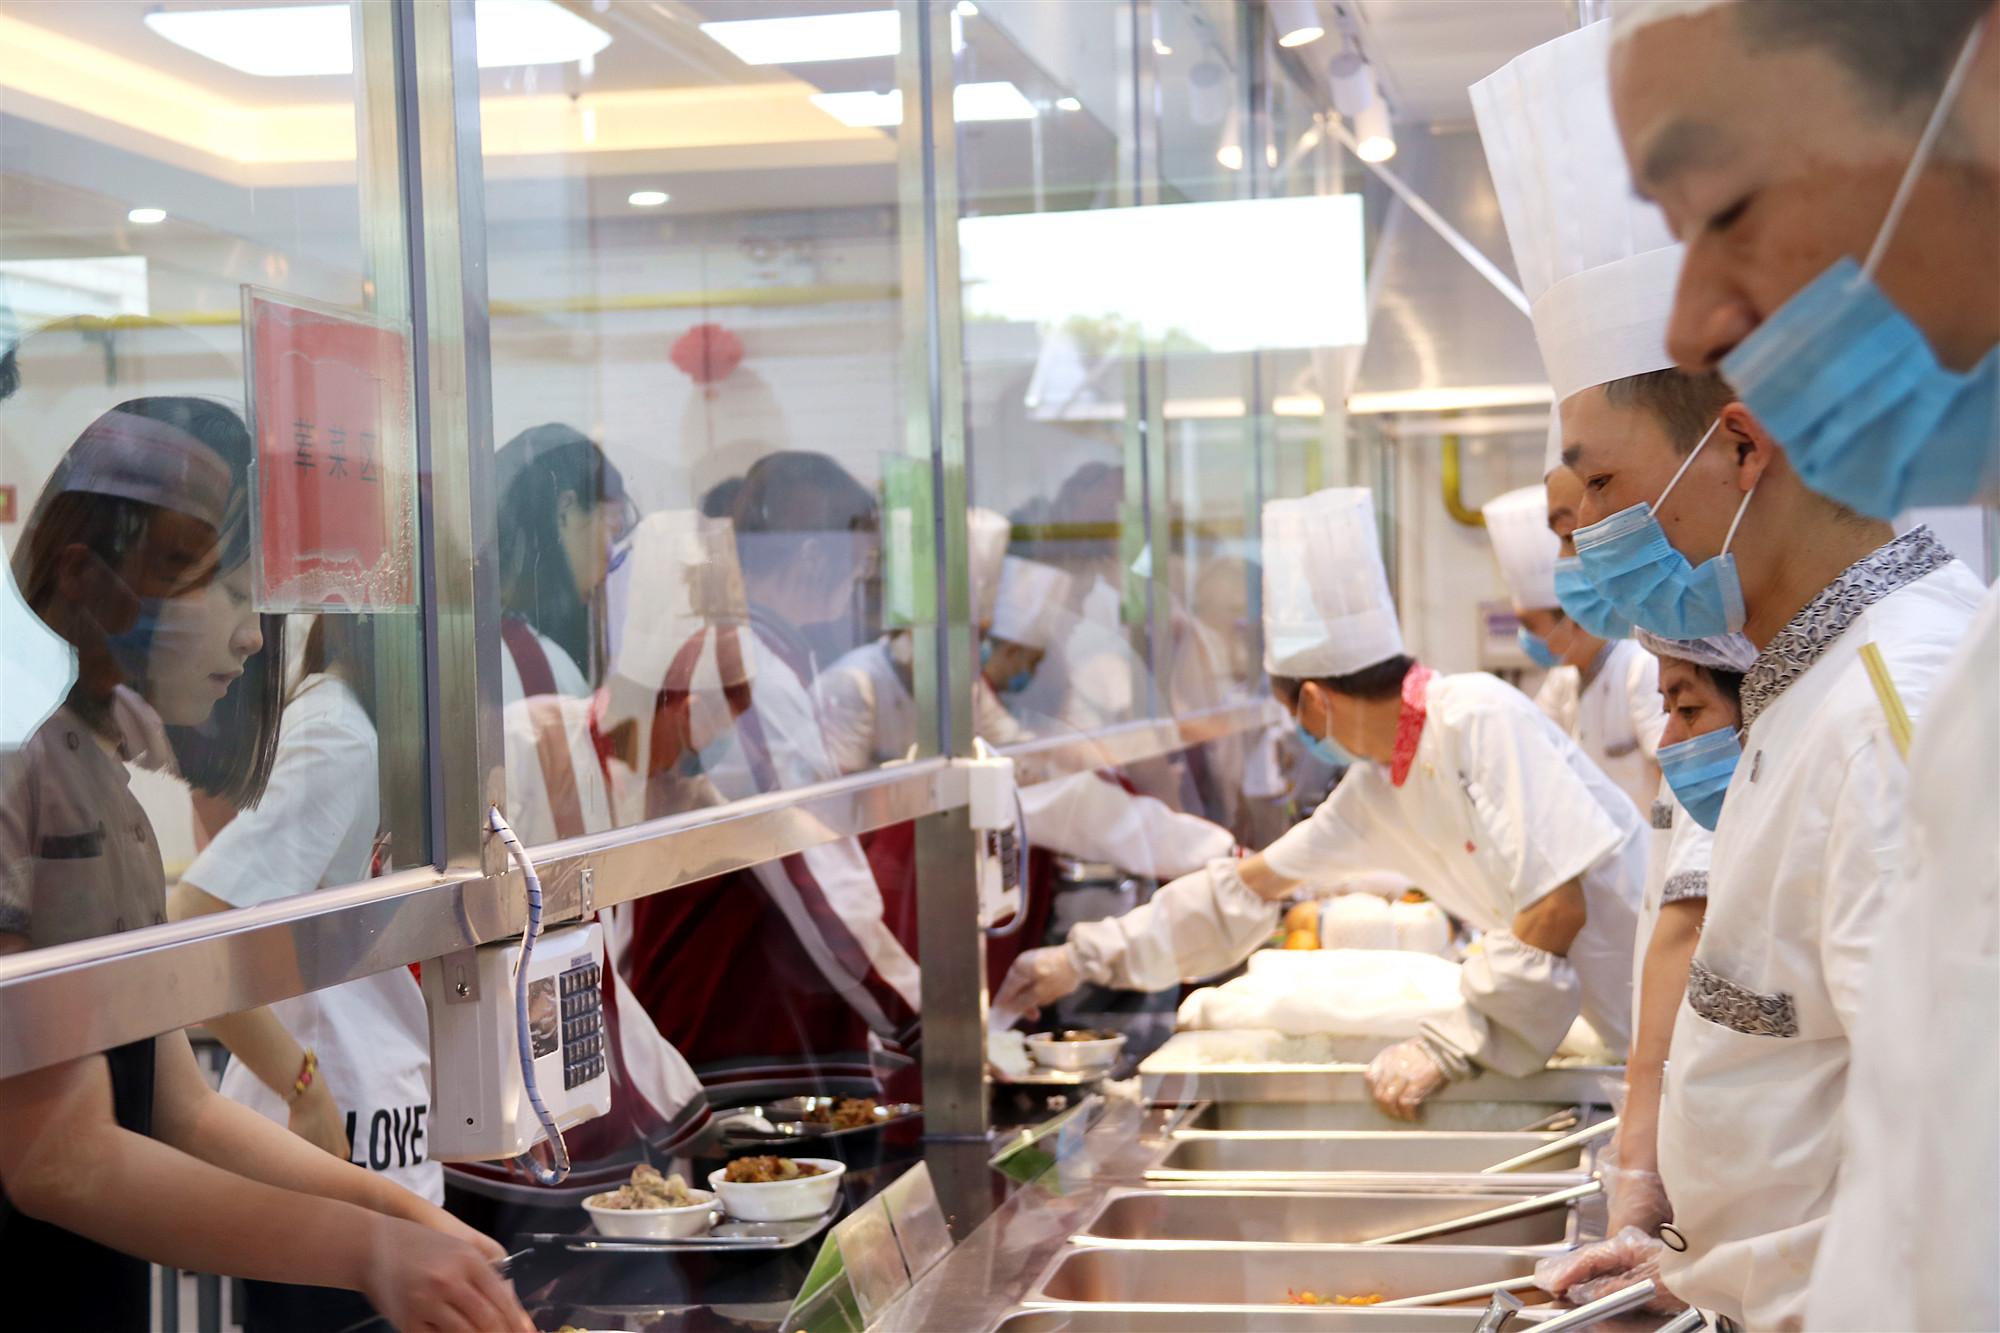 采访特辑∣舌尖上的北京外国语大学国际高中,探秘网红食堂的优秀后厨